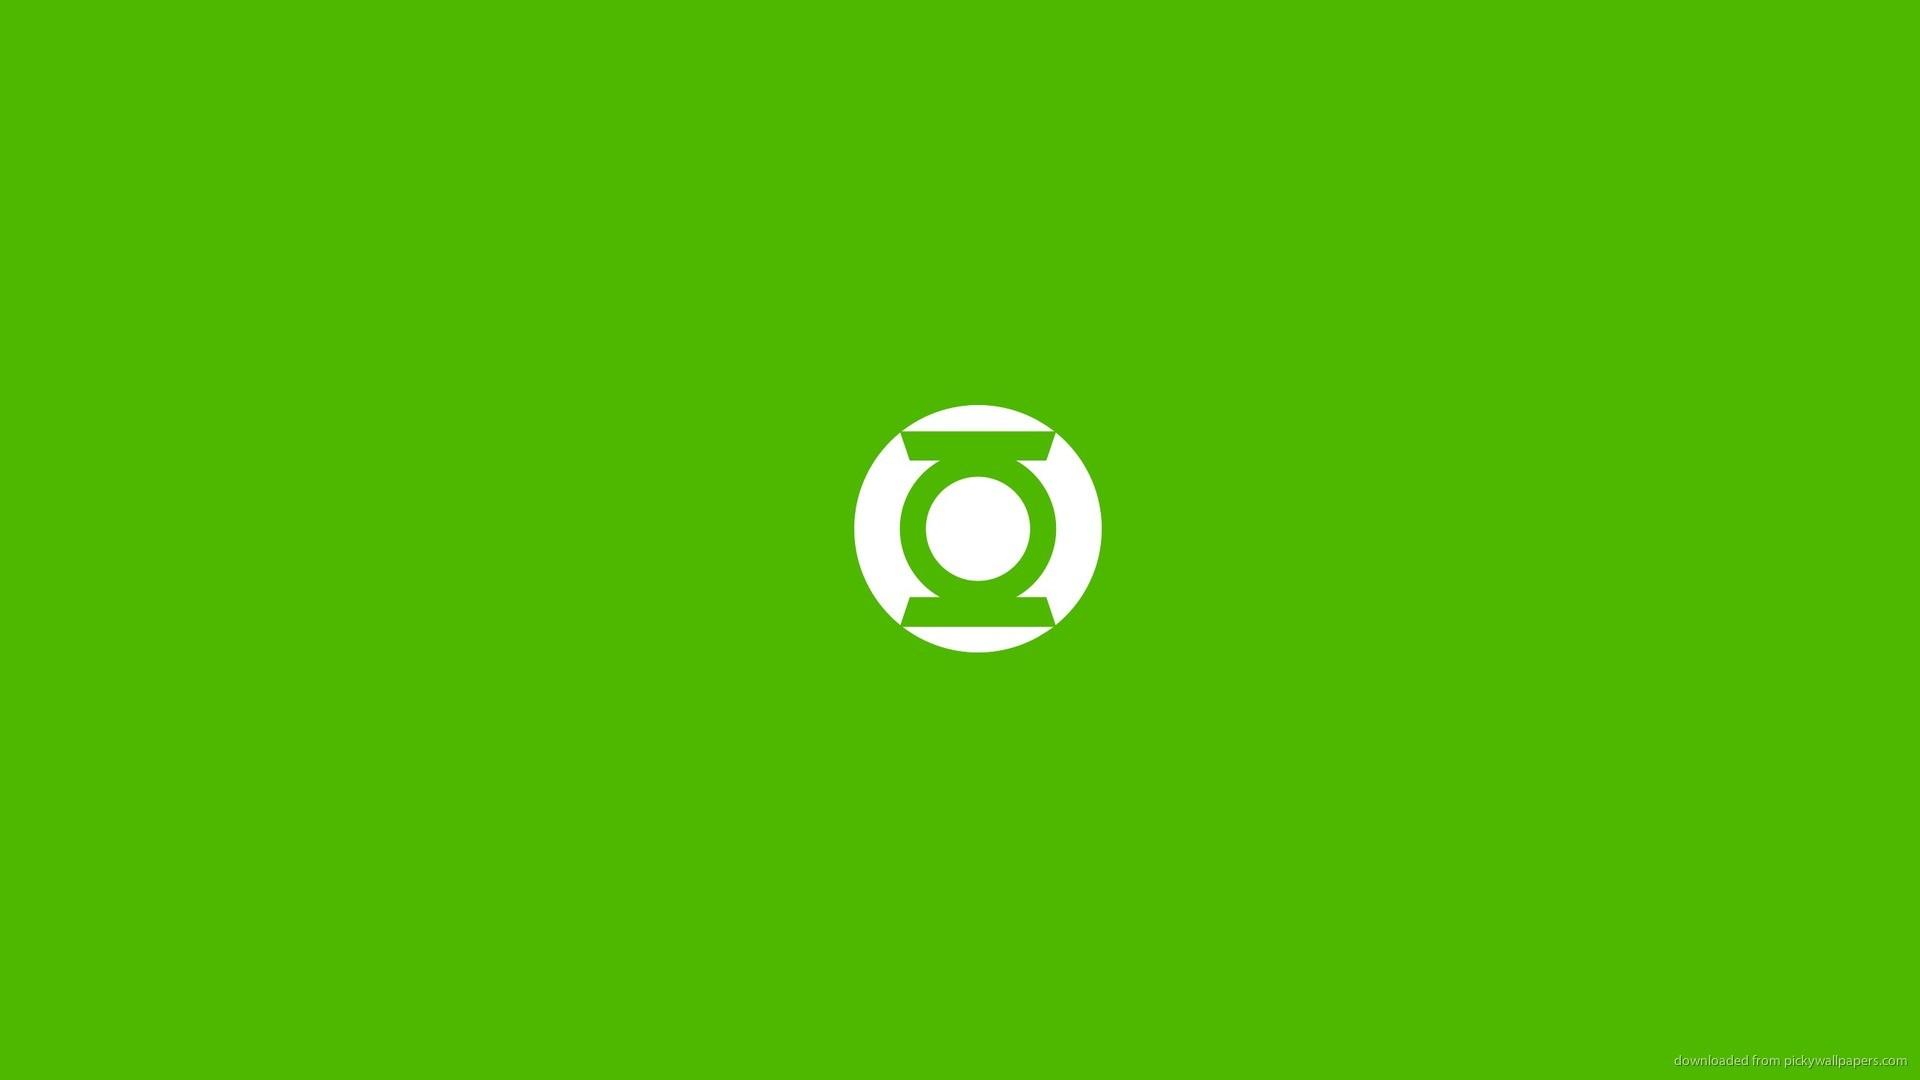 Логотип зеленый картинки